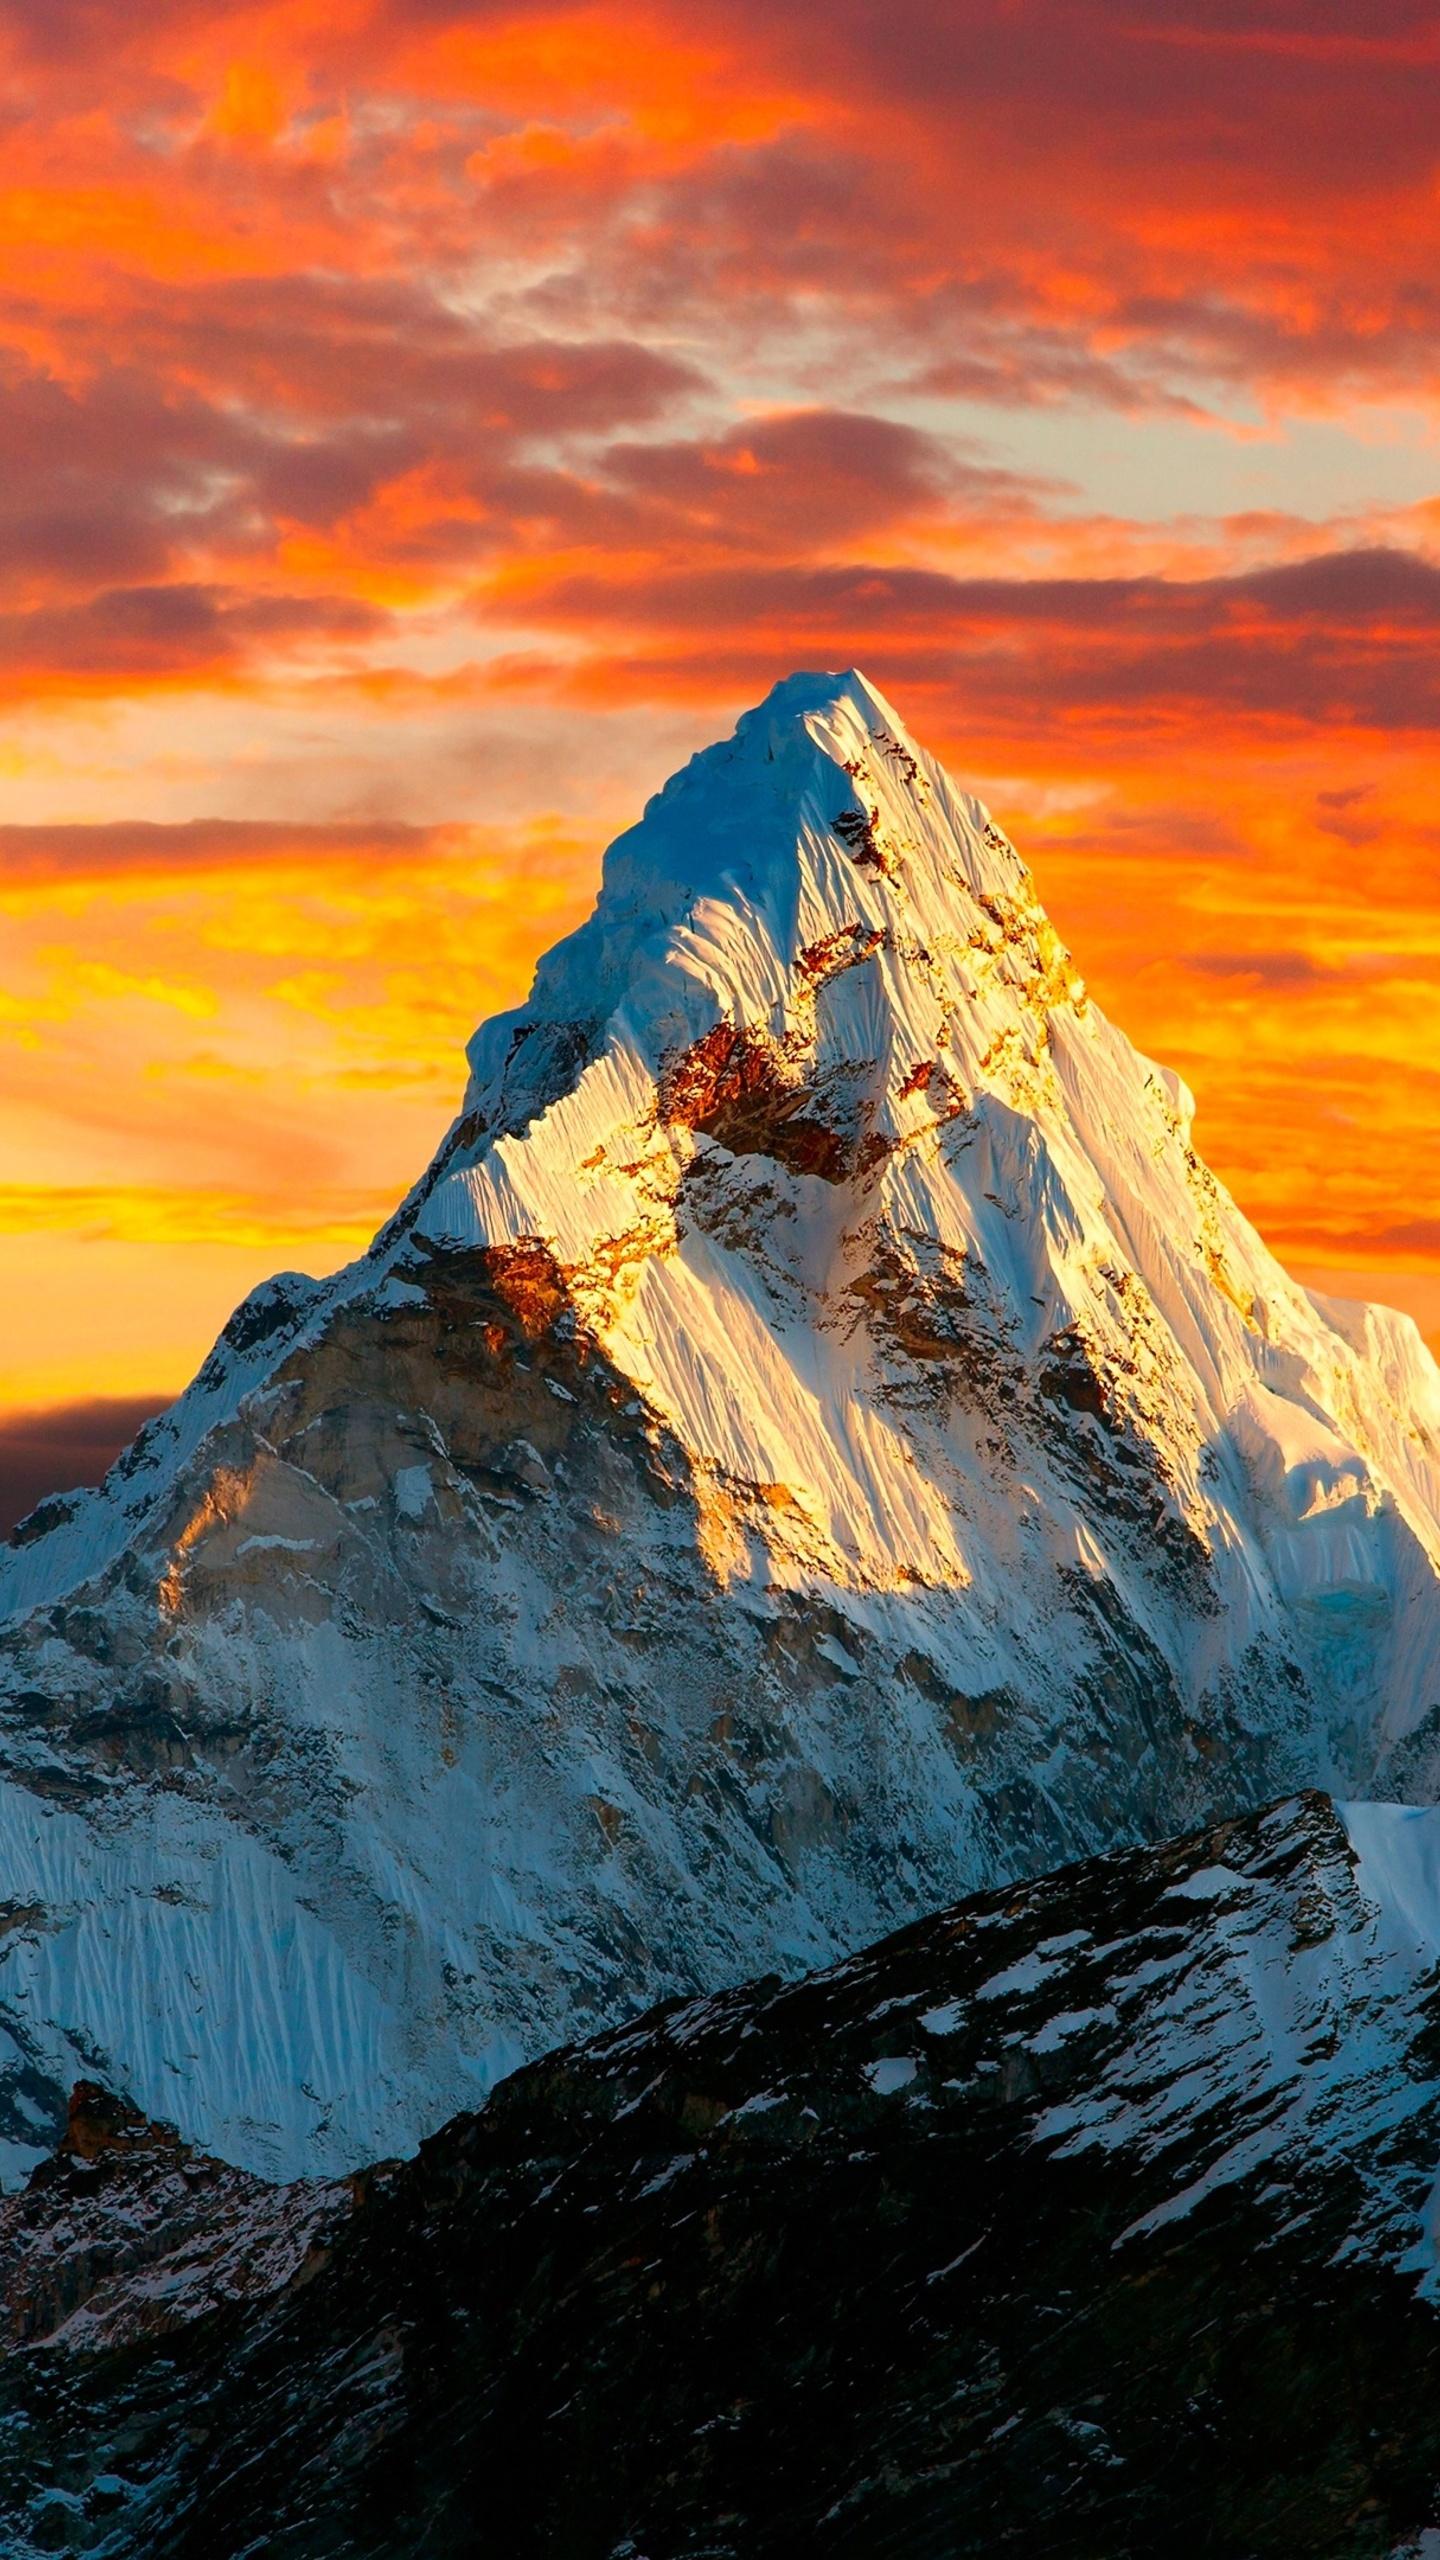 himalayas-mountains-landscape-4k-f3.jpg